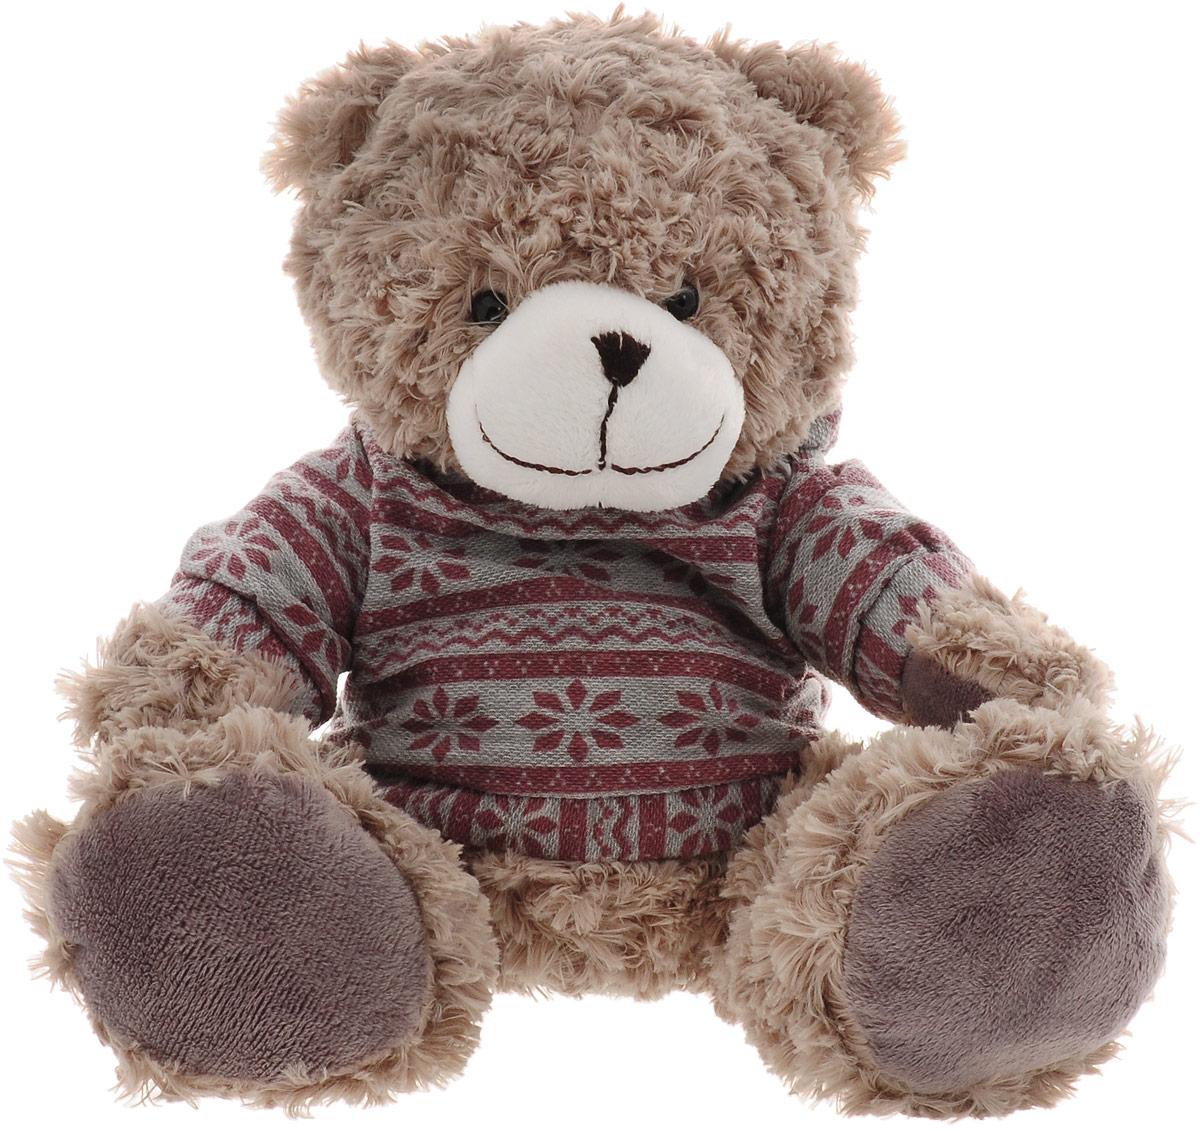 Soomo Мягкая игрушка Медведь Рагнар 23 см мягкая игрушка медведь с медвежонком